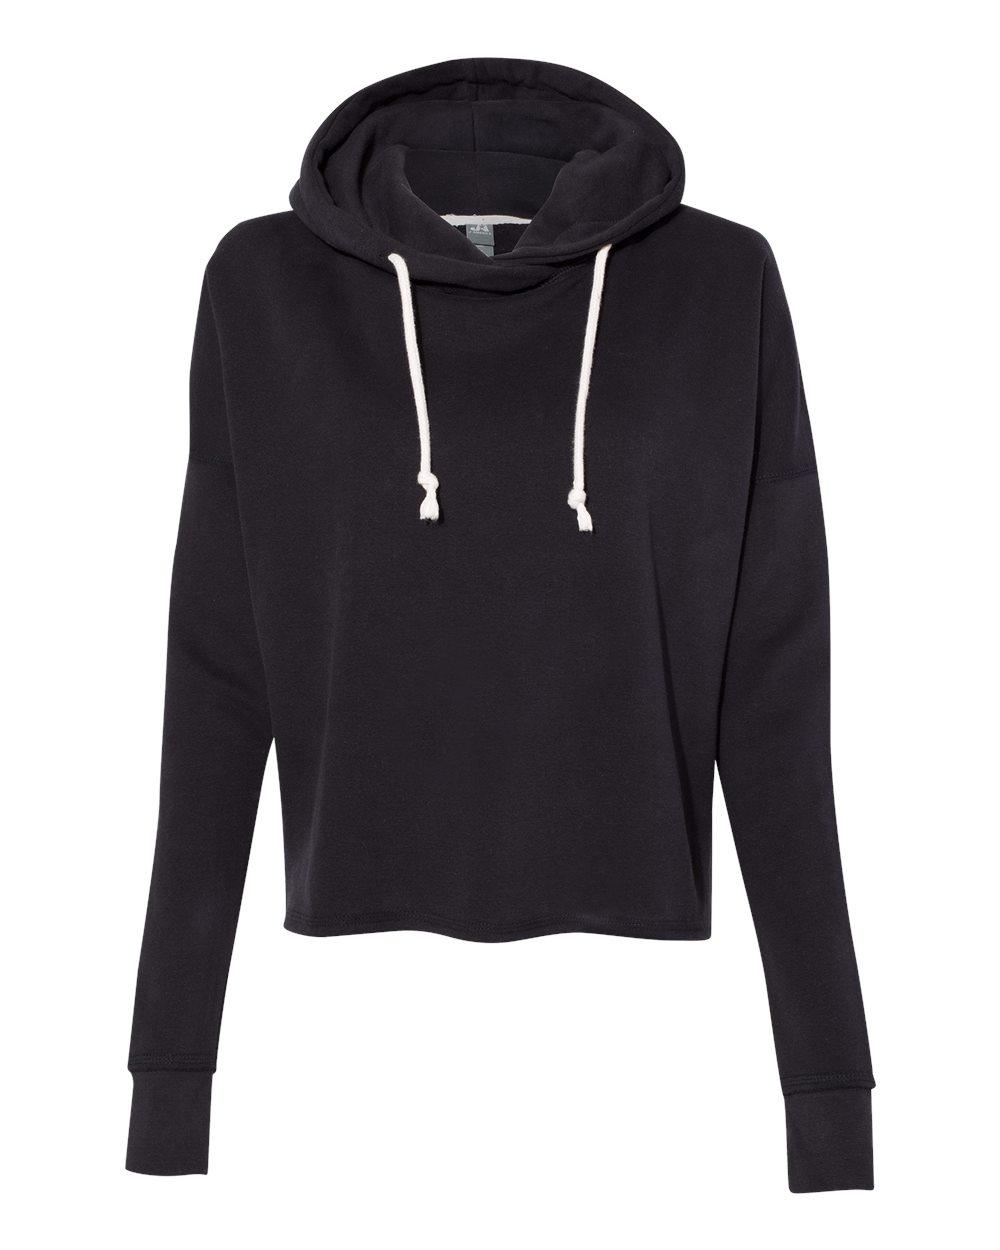 Women's Lounge Fleece Hi-Low Hooded Pullover